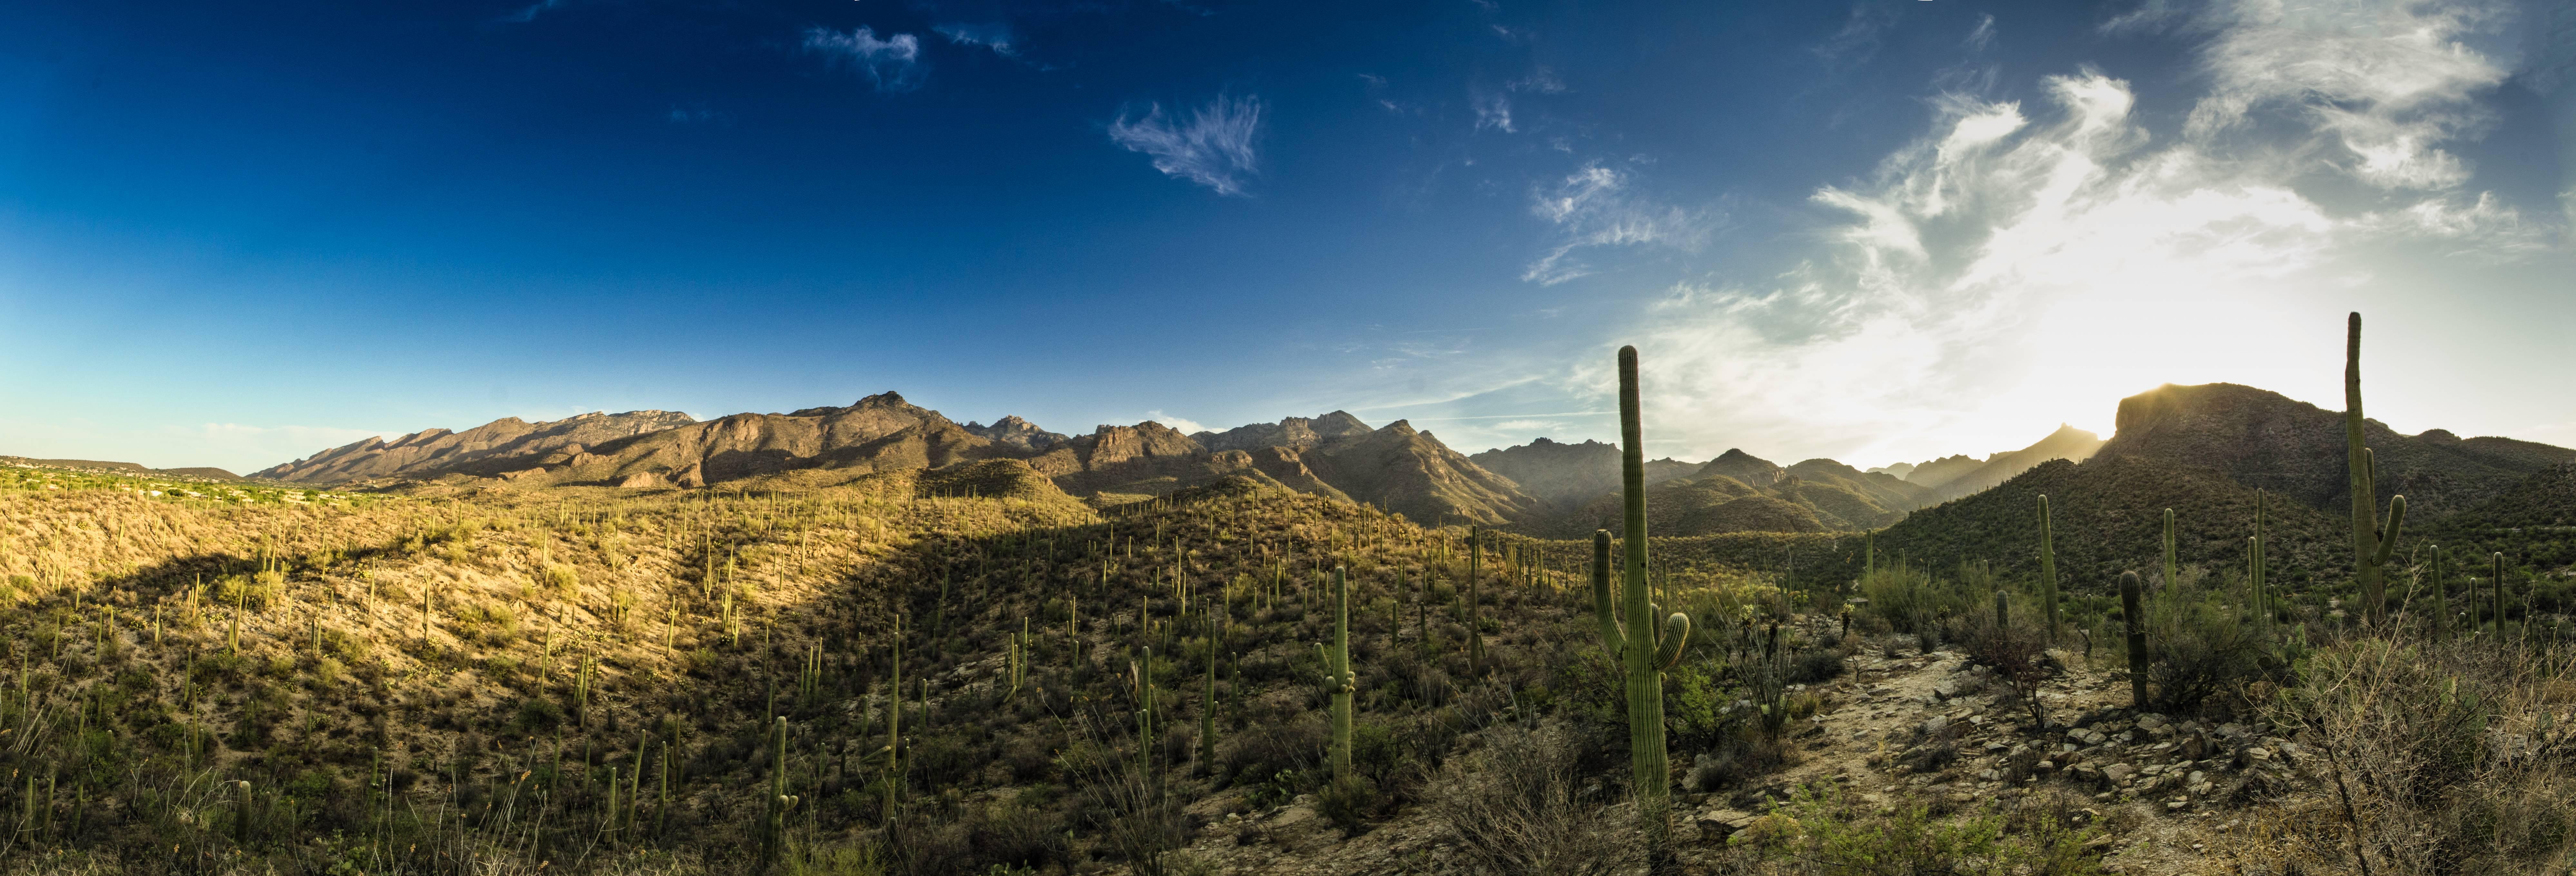 Arizona sabino canyon